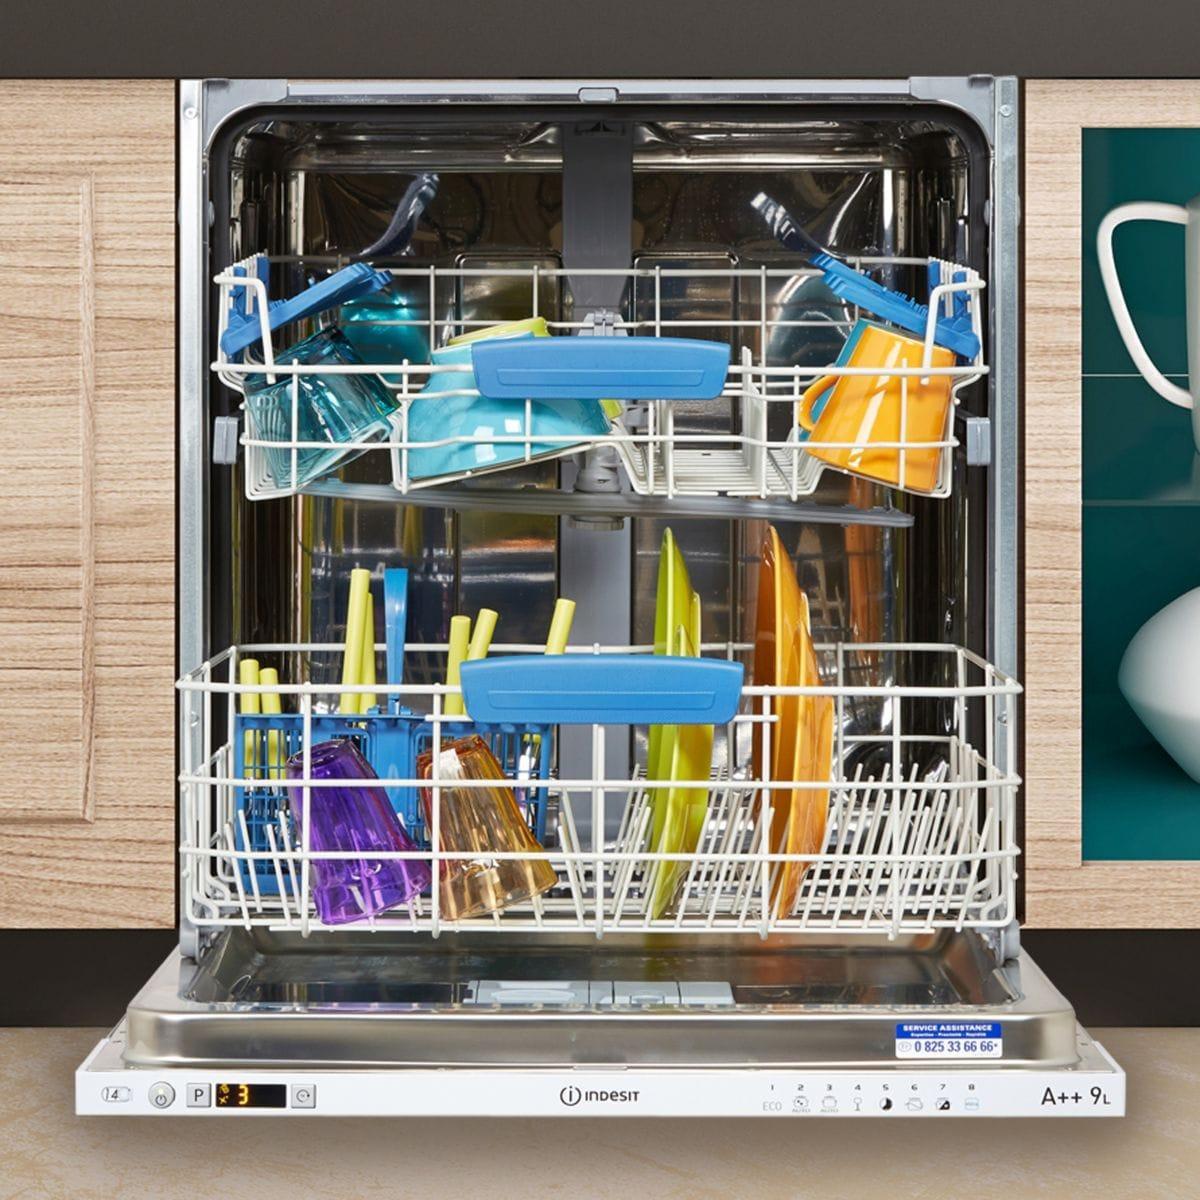 Lave-vaisselle intégrable 60 cm INDESIT DIFP66B+9 EU - 14 couverts